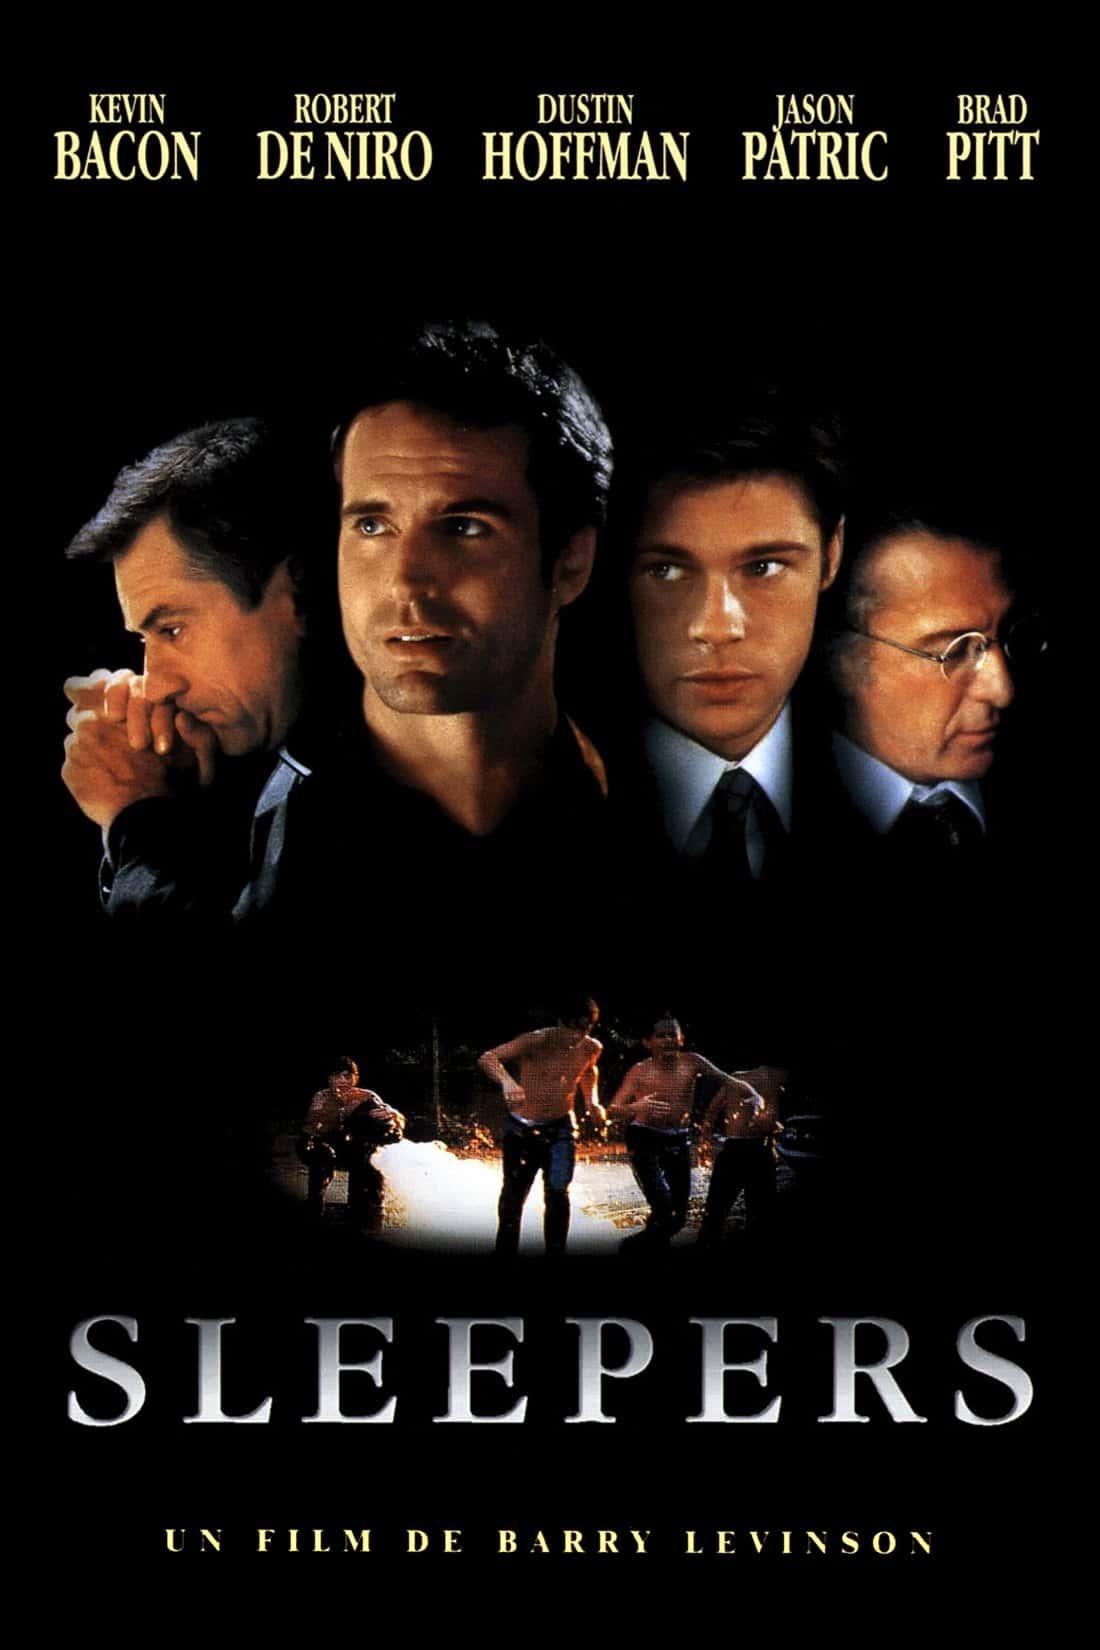 Regarder Sleepers en streaming gratuit